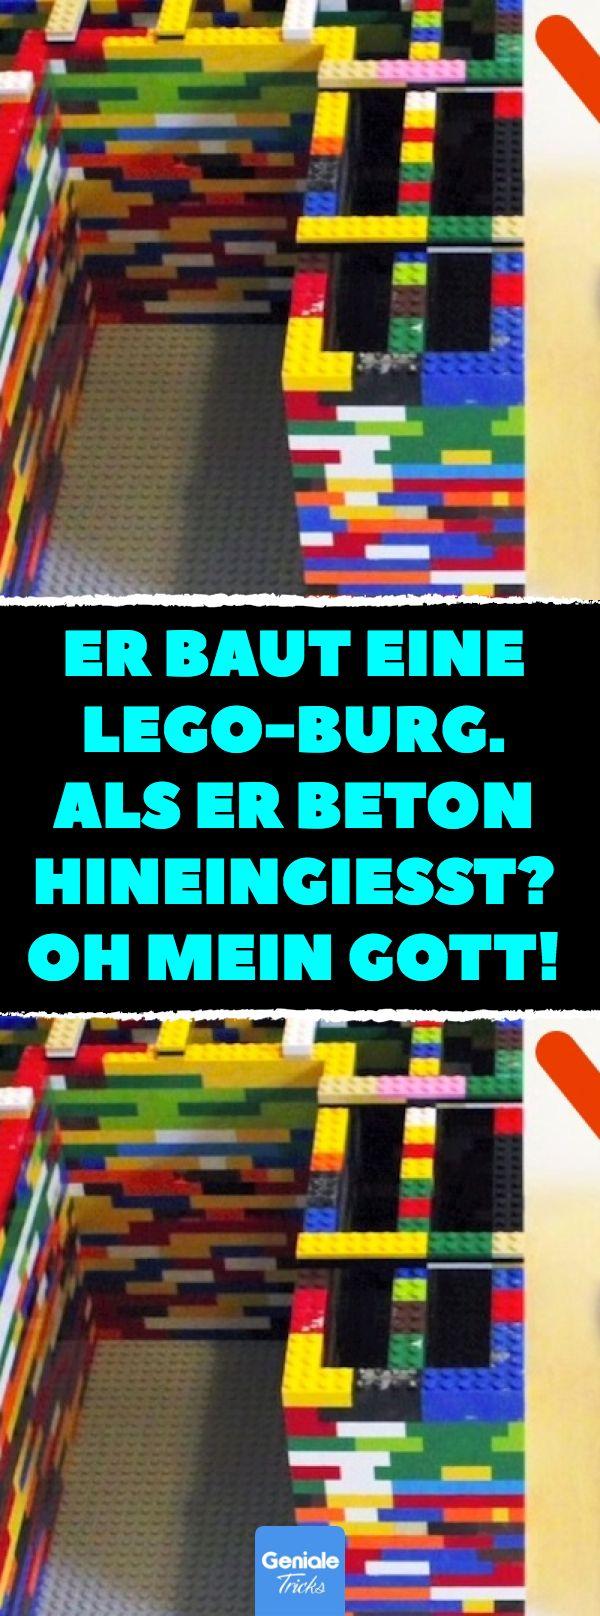 Er baut eine Lego-Burg. Als er Beton hineingießt?…